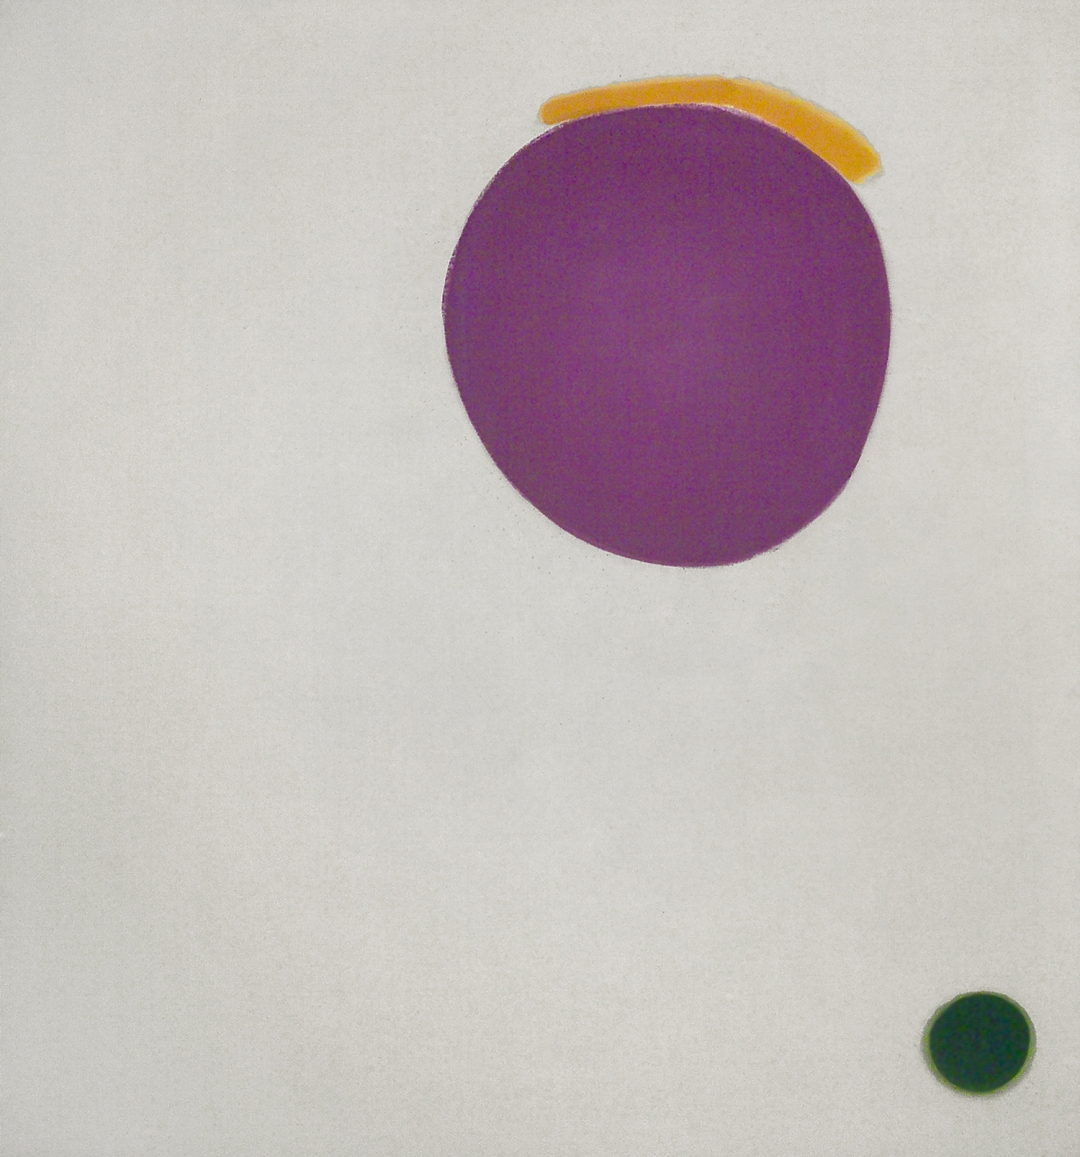 Jules Olitski, <i>Hot Slash Yellow</i>, 1964, acrylic on canvas, 72 x 66 in. [SOLD]